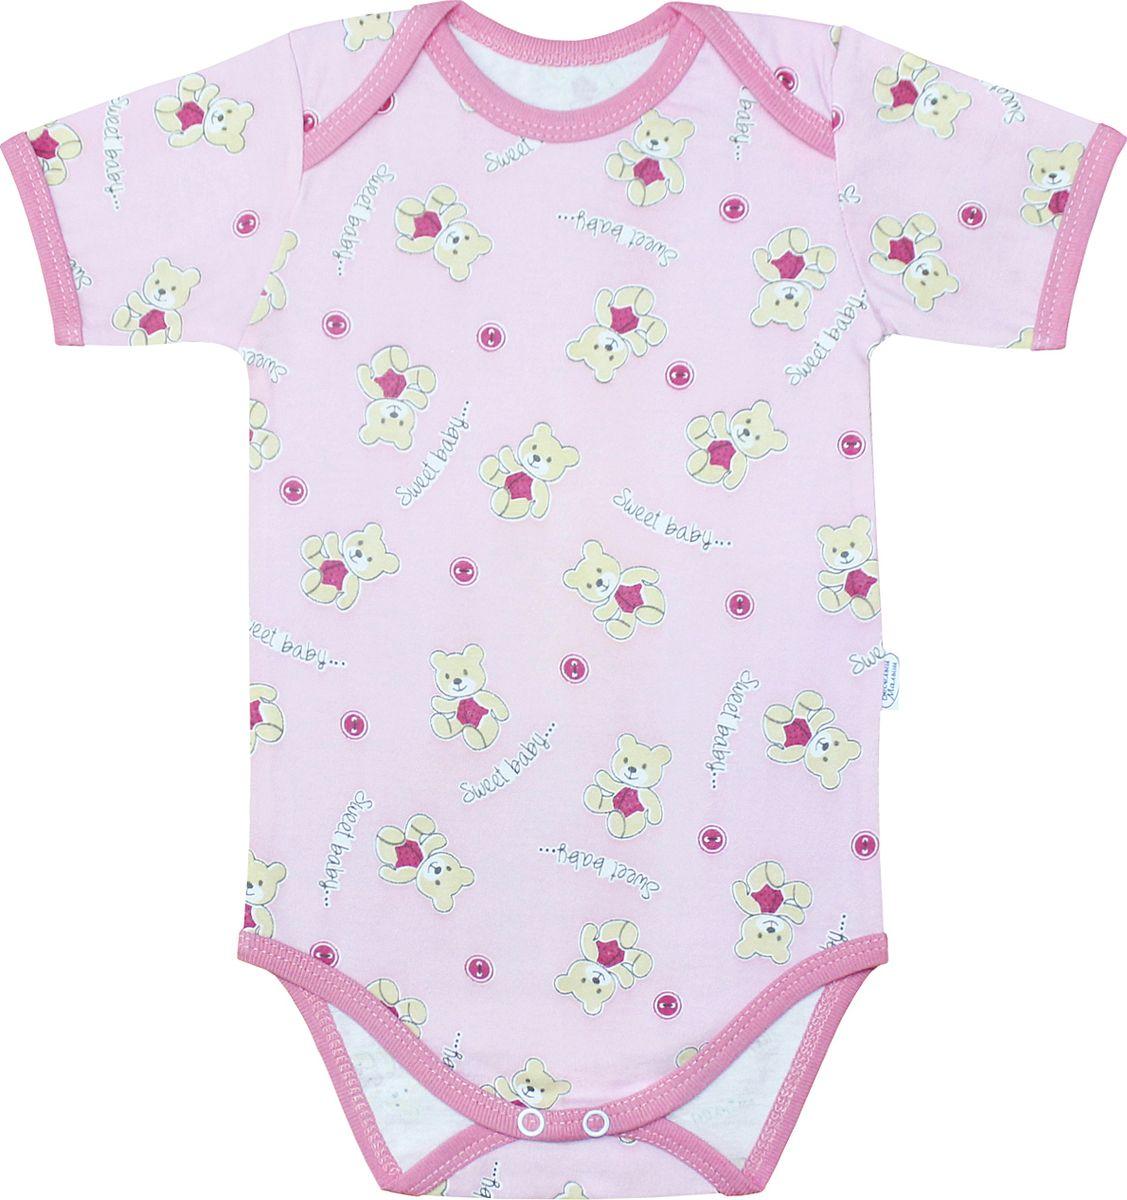 Боди для девочки Веселый малыш One, цвет: розовый. 41172/one-D (1)_милый мишка. Размер 7441172_милый мишкаДетское боди-футболка Веселый малыш One, оформленное милым принтом, послужит идеальным дополнением к гардеробу ребенка в летний период, обеспечивая ему наибольший комфорт. Боди изготовлено из кулирки, благодаря чему оно необычайно мягкое и легкое, не раздражает нежную кожу ребенка и хорошо вентилируется, а эластичные швы приятны телу младенца и не препятствуют его движениям. Удобные запахи на плечах и кнопки на ластовице помогают легко переодеть малыша или сменить подгузник.